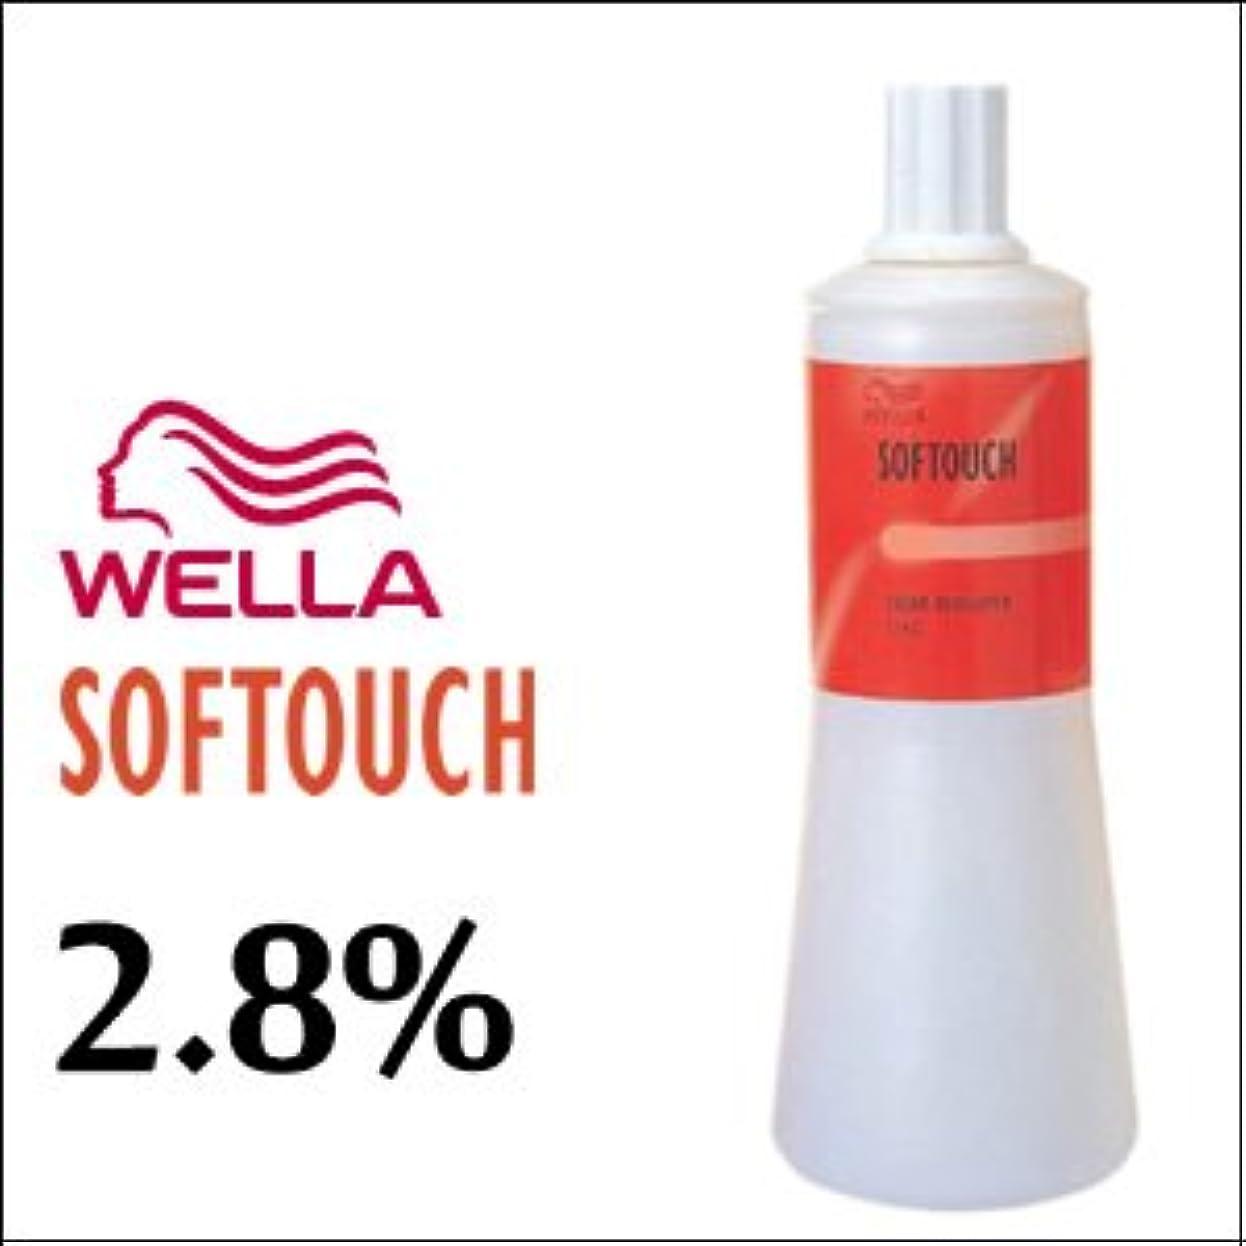 儀式軍艦少ないウエラ ヘアカラー ソフタッチ クリームディベロッパー 2.8% 1L